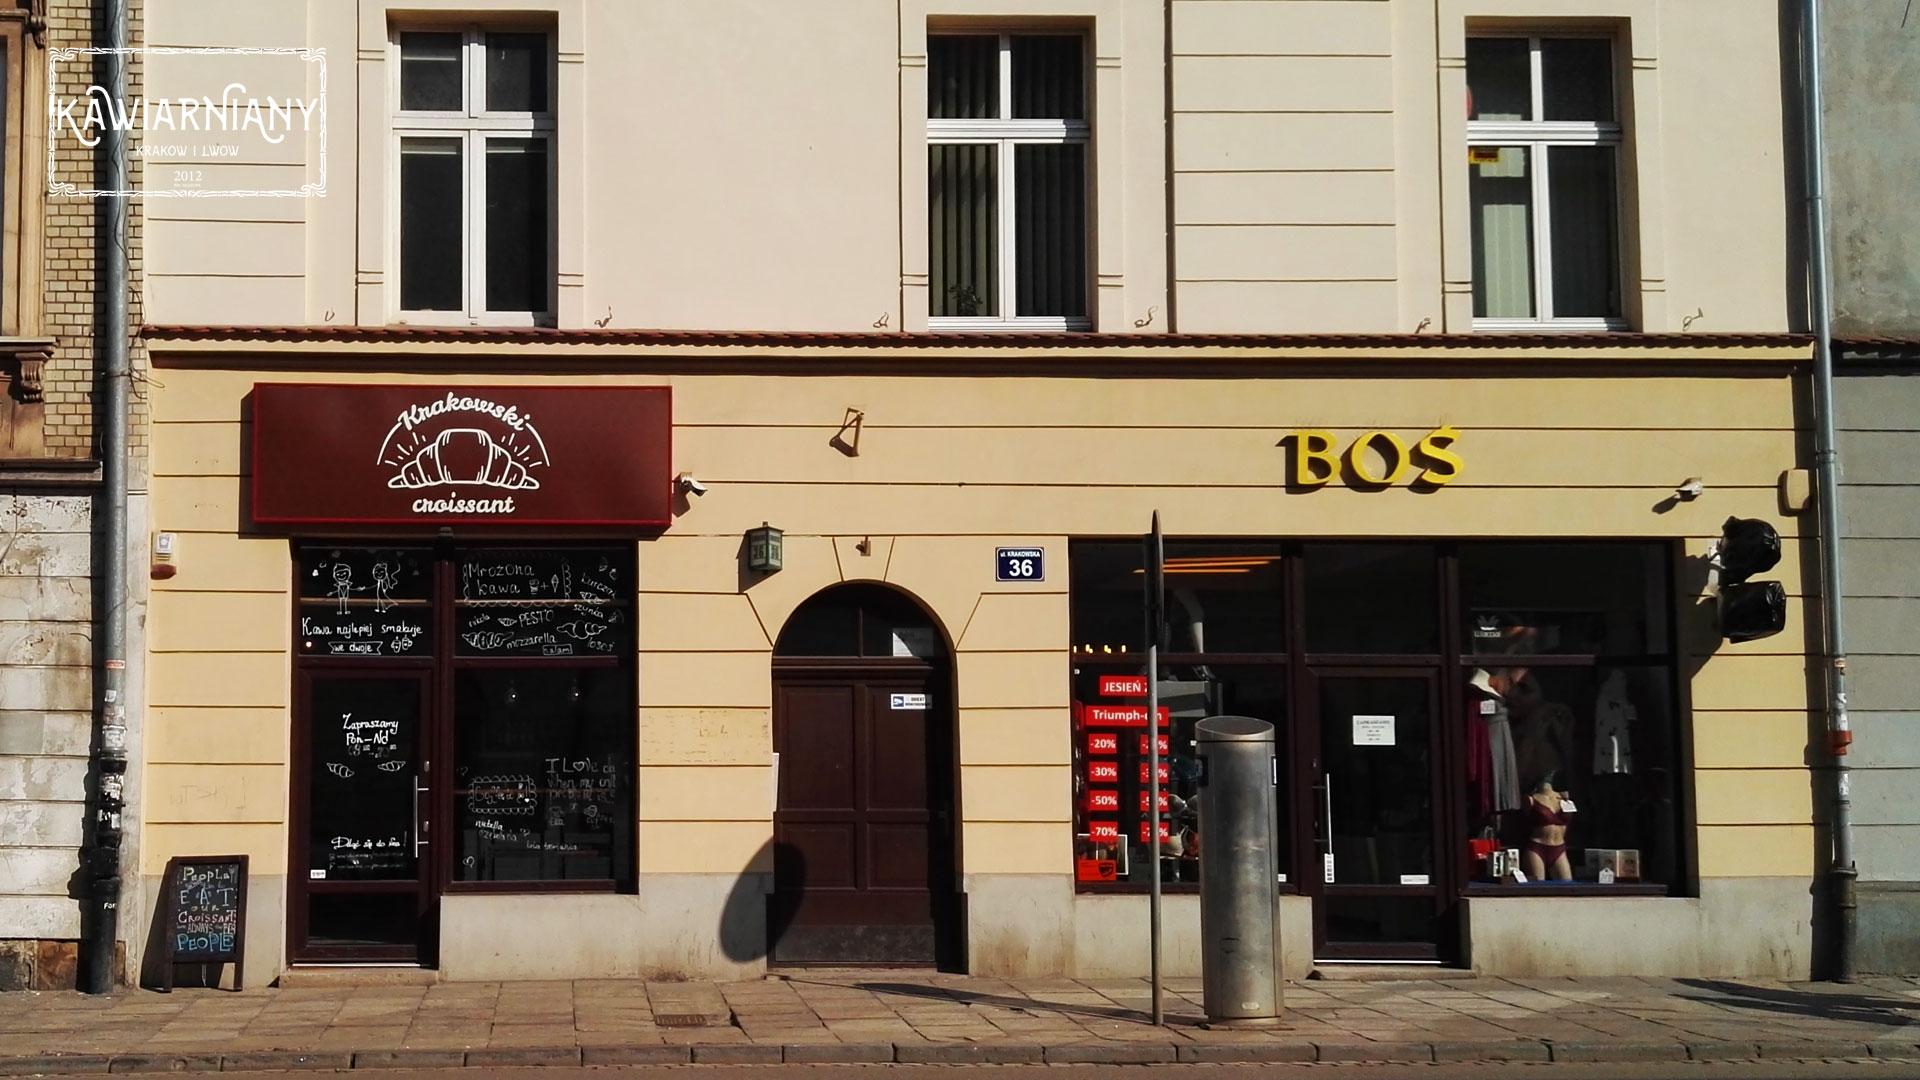 Krakowski Croissant – moda ze Lwowa w Krakowie. Kraków, ul Krakowska 36